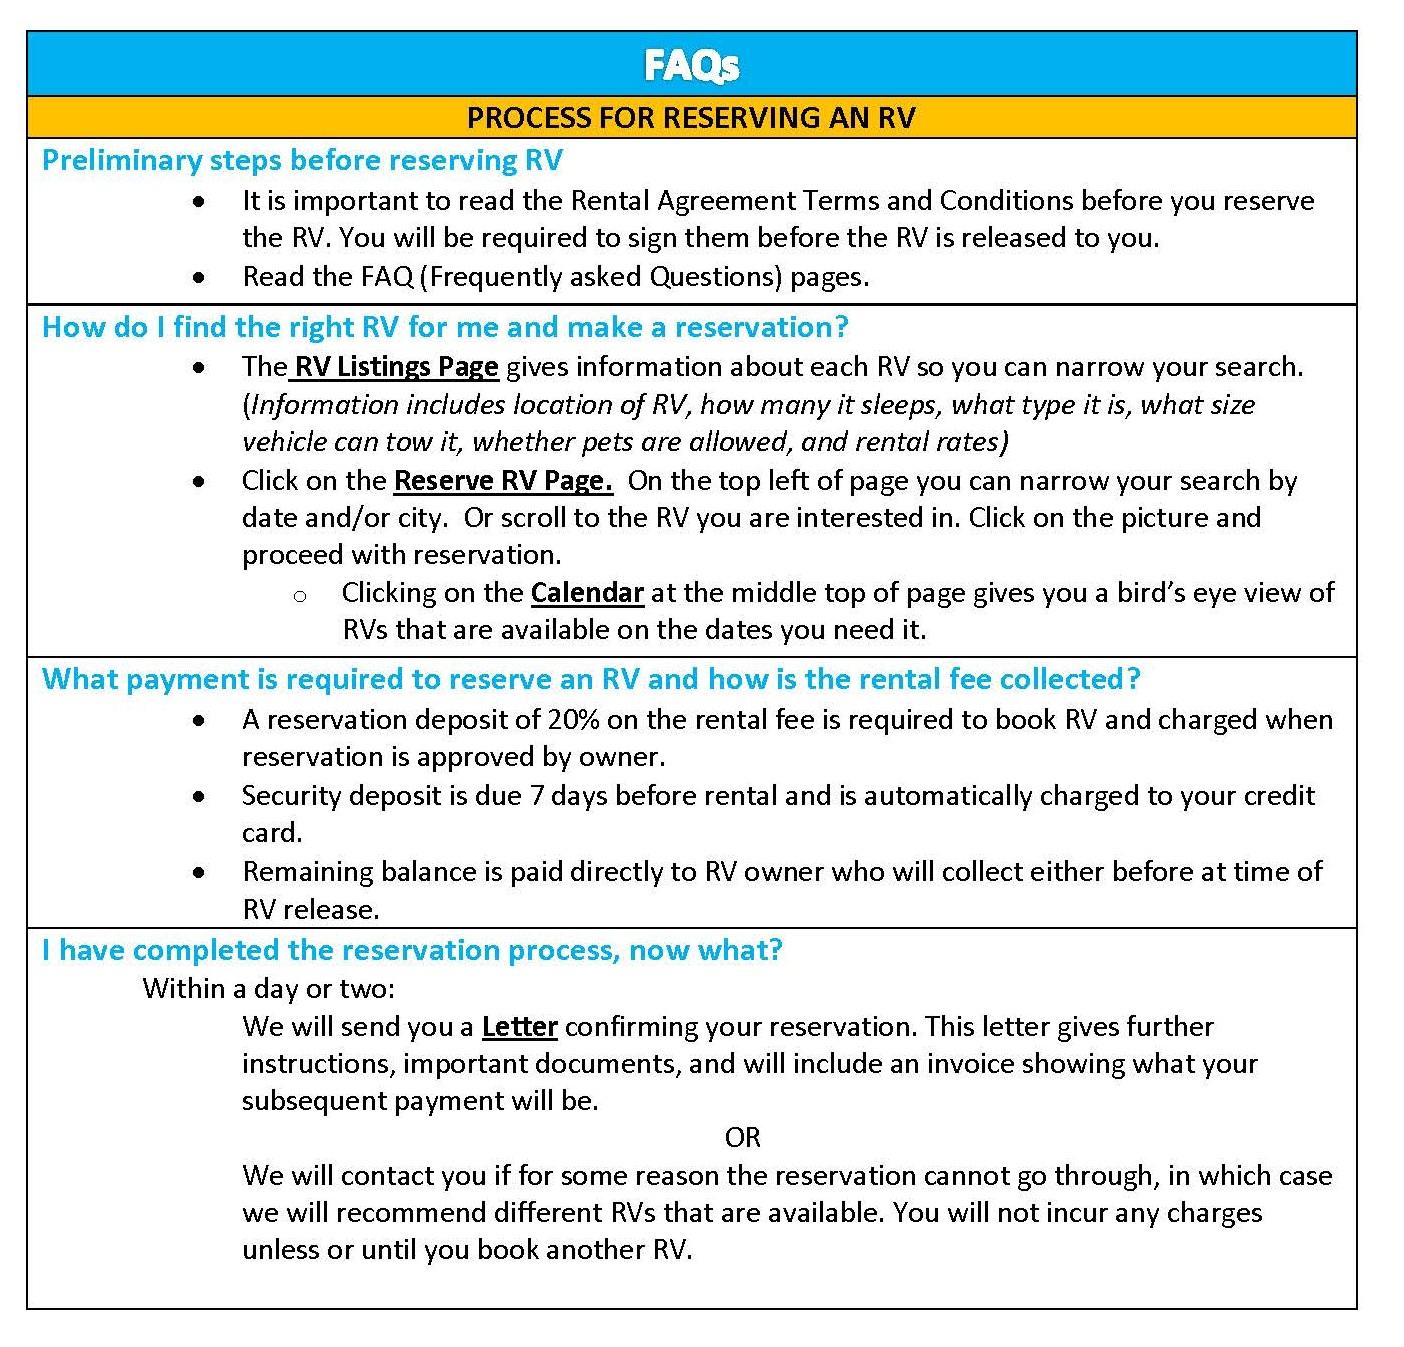 XX+FAQs+Process+for+Reserving+an+RV+vs+2.jpg